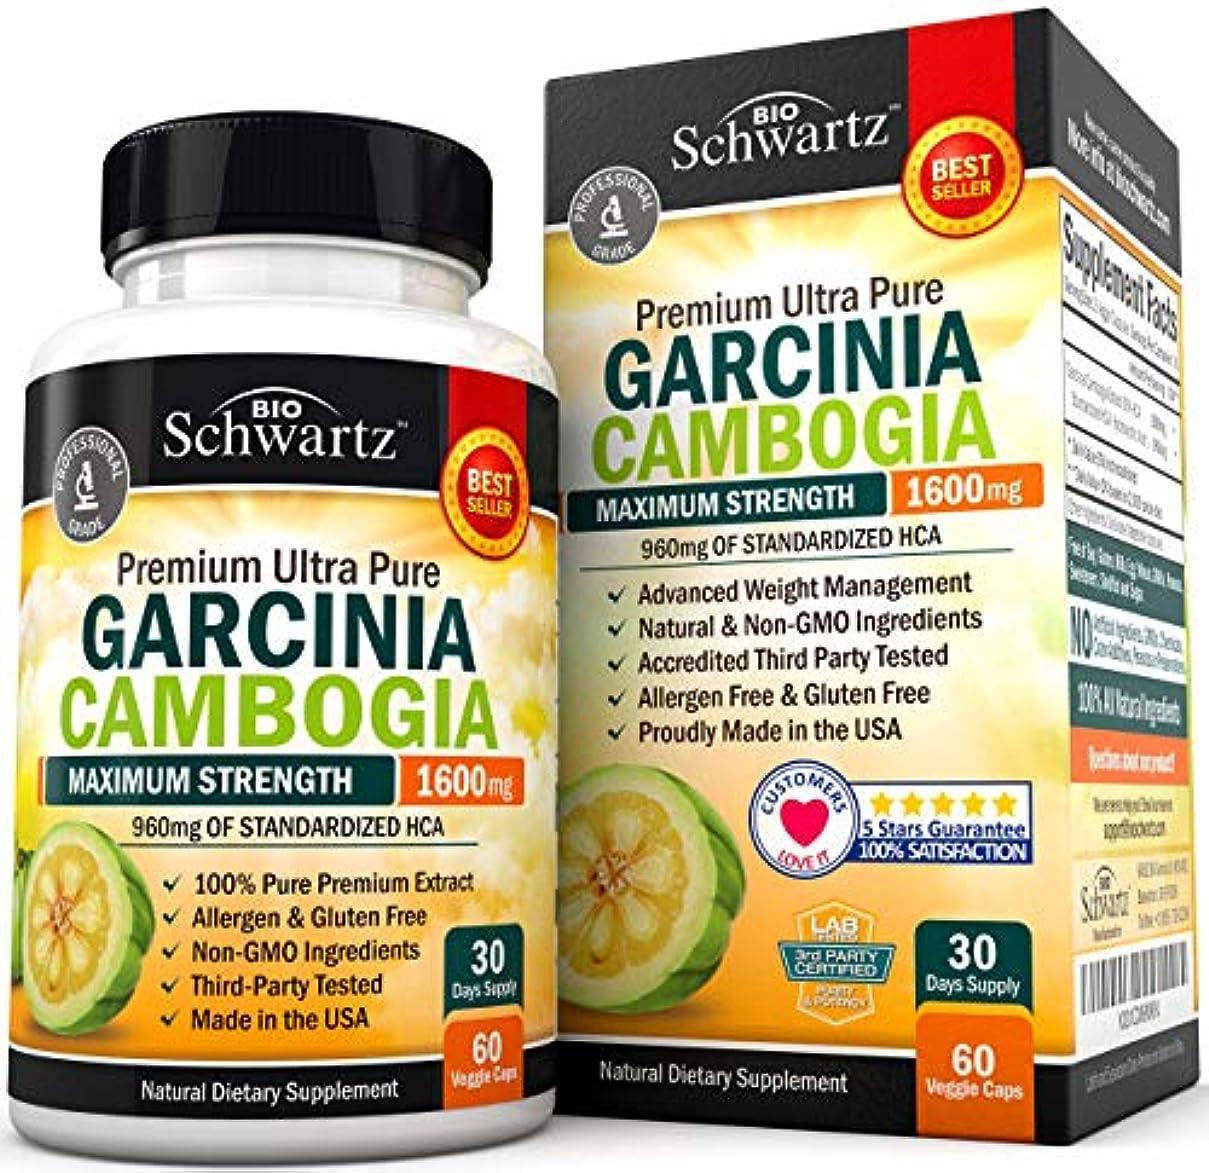 交換眼分解するGarcinia Cambogia Pure Extract 1600mg  ガルシニアカンボジア